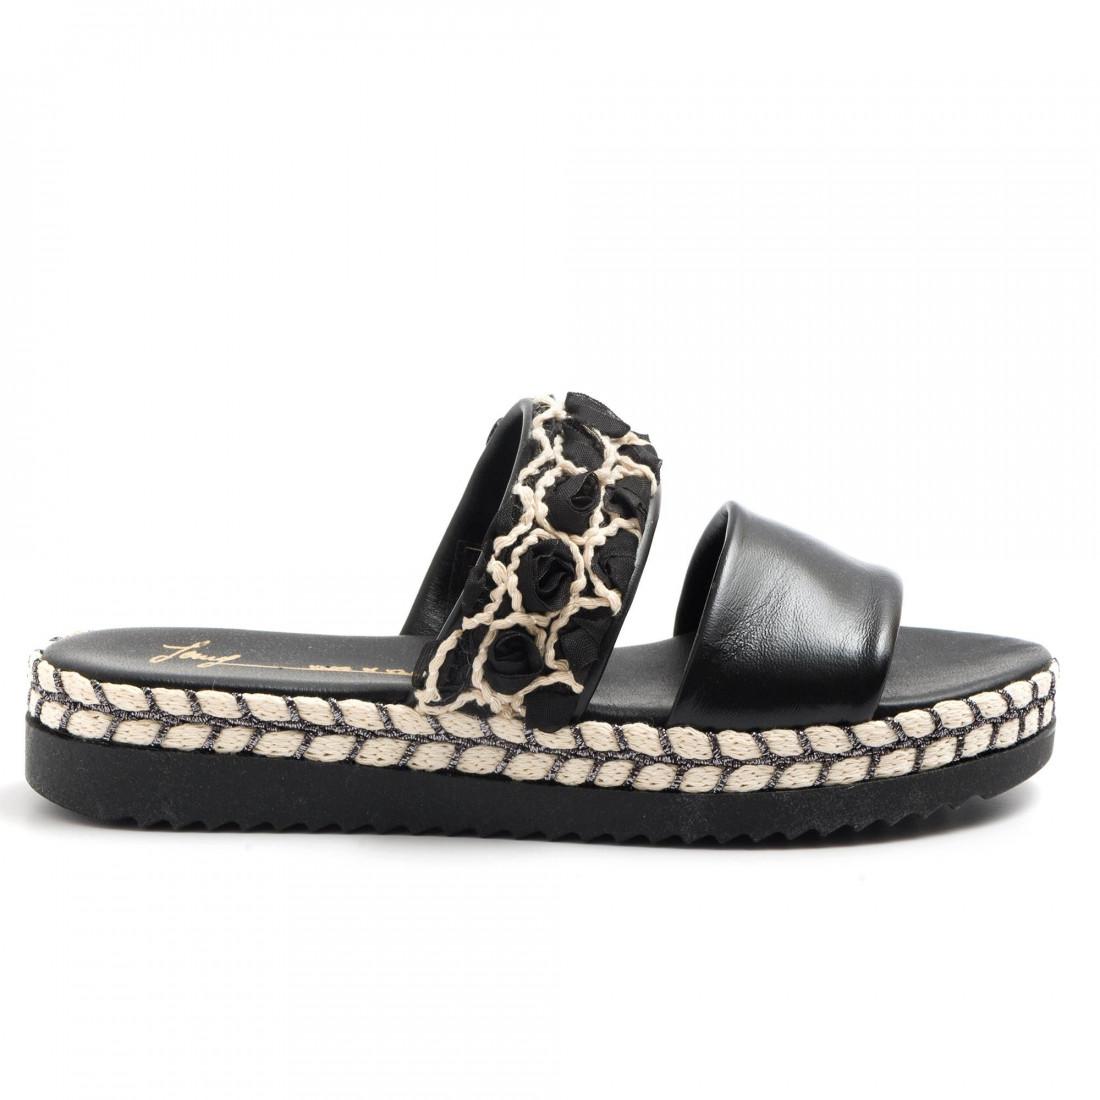 sandals woman le barbottine  1030pelle nero 3273